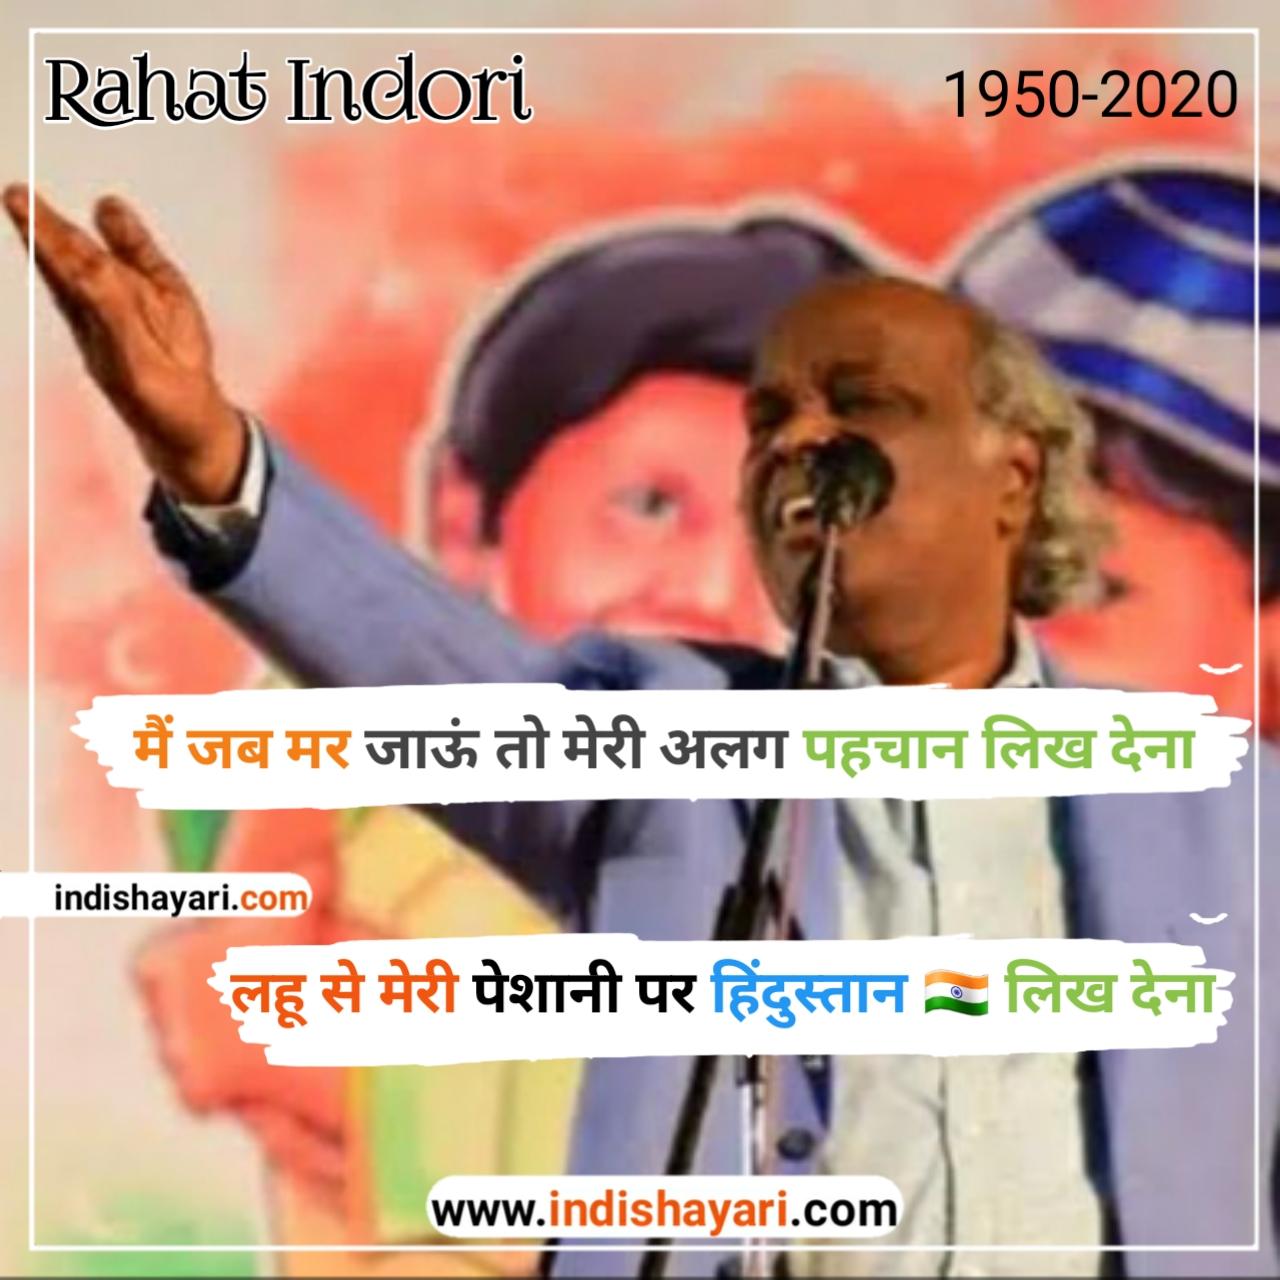 Rahat Indori Shayari,  rahat Indori,  rahat Indori sher , rahat Indori musayra, rahat Indori news, rahat Indori best Shayari